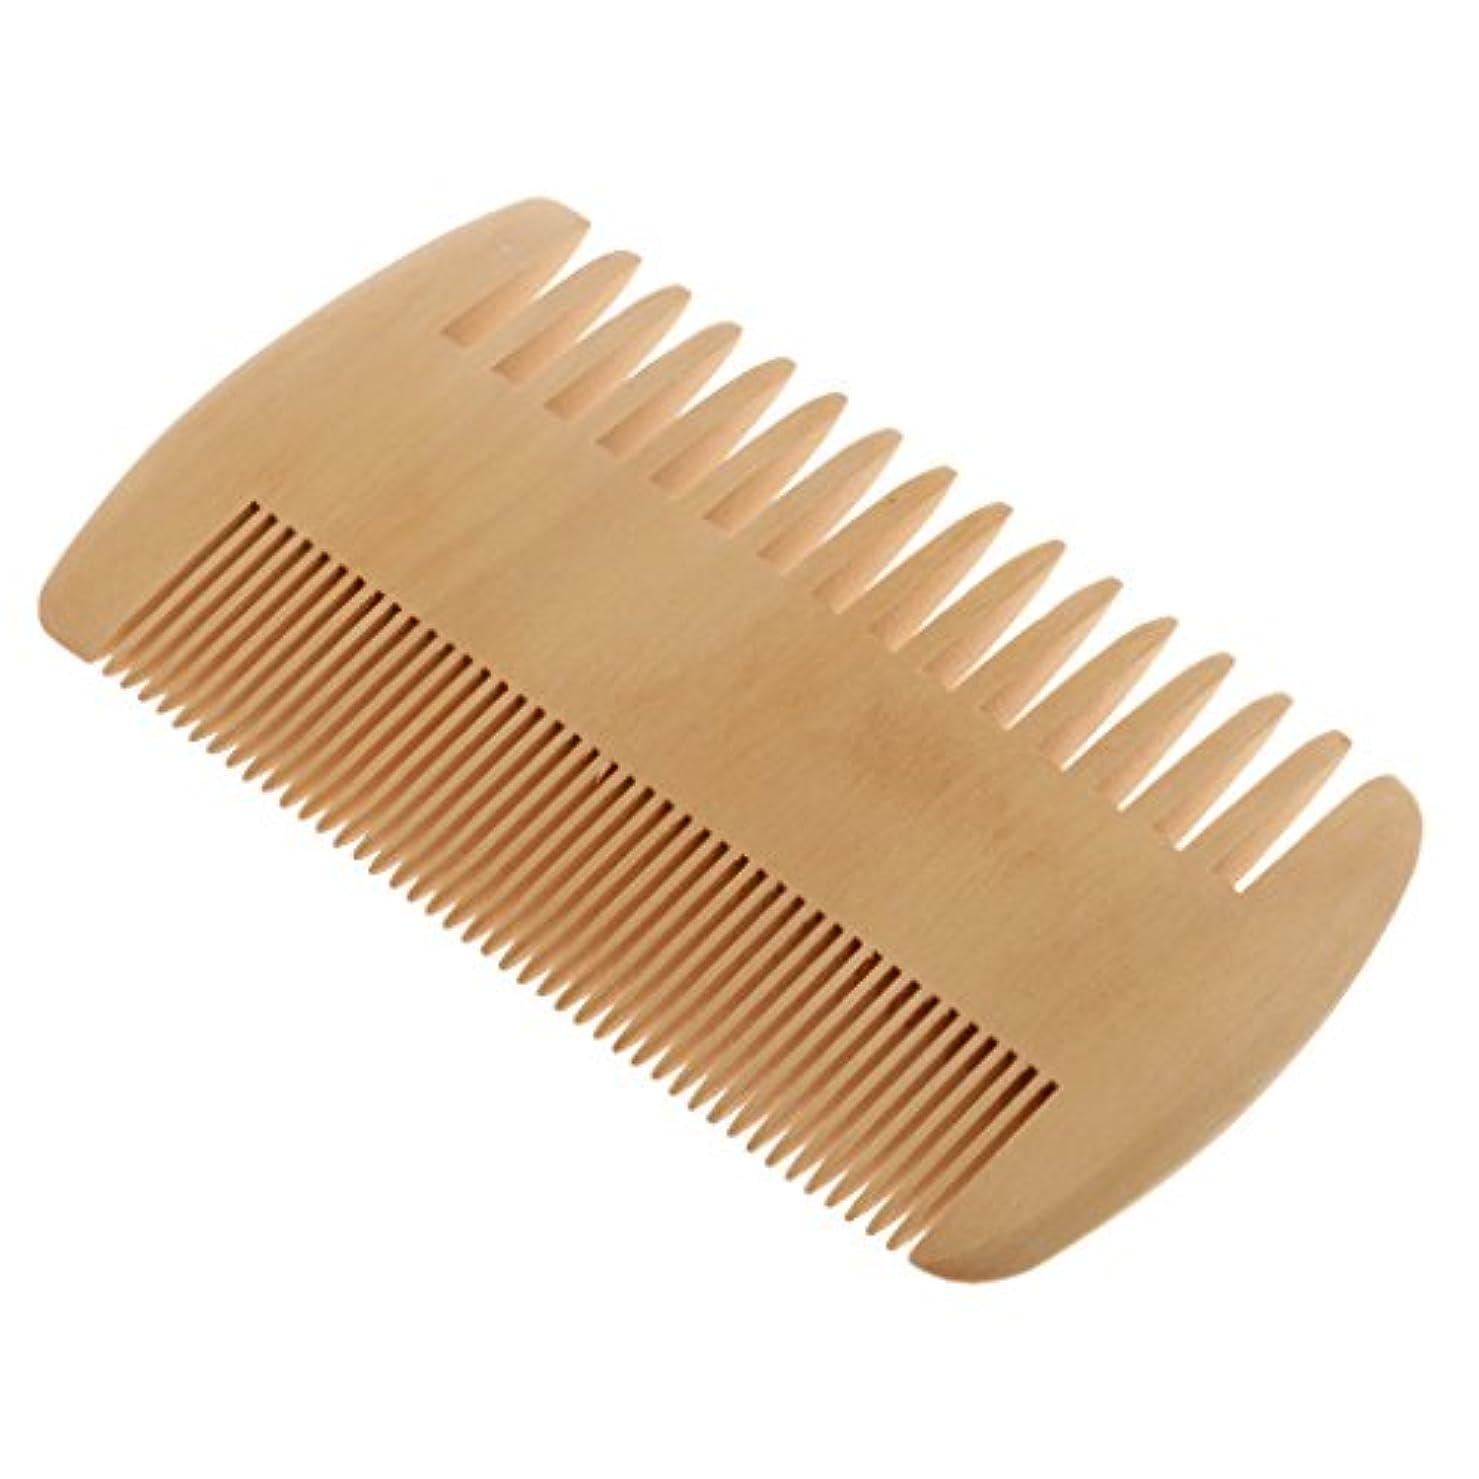 質素な地球失敗Toygogo ヘアコーム 木製コーム 木製櫛 ポケットコーム マッサージの櫛 帯電防止 2倍 密度の歯